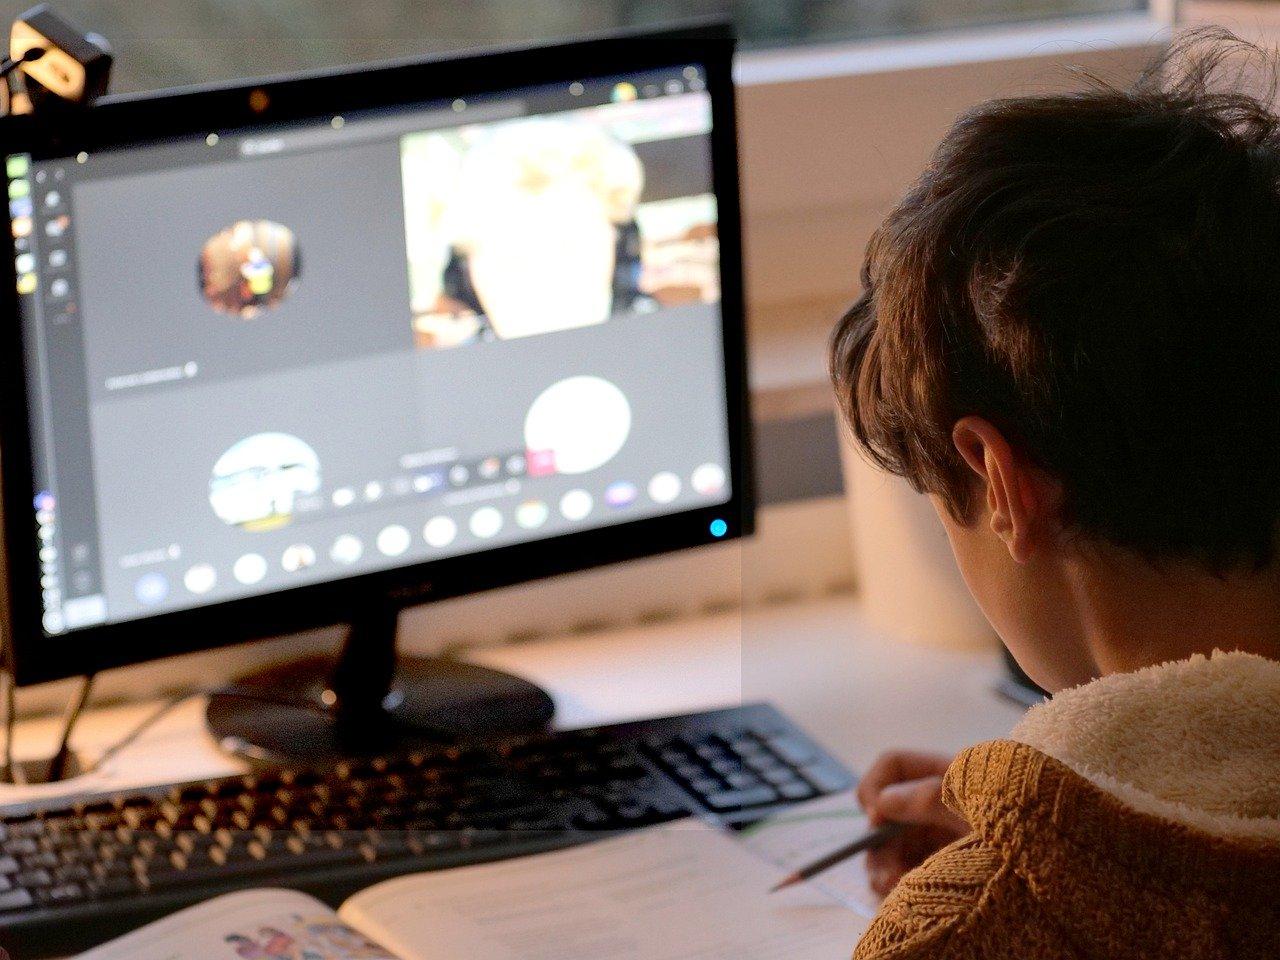 La webcam non funziona su Windows 10 ?